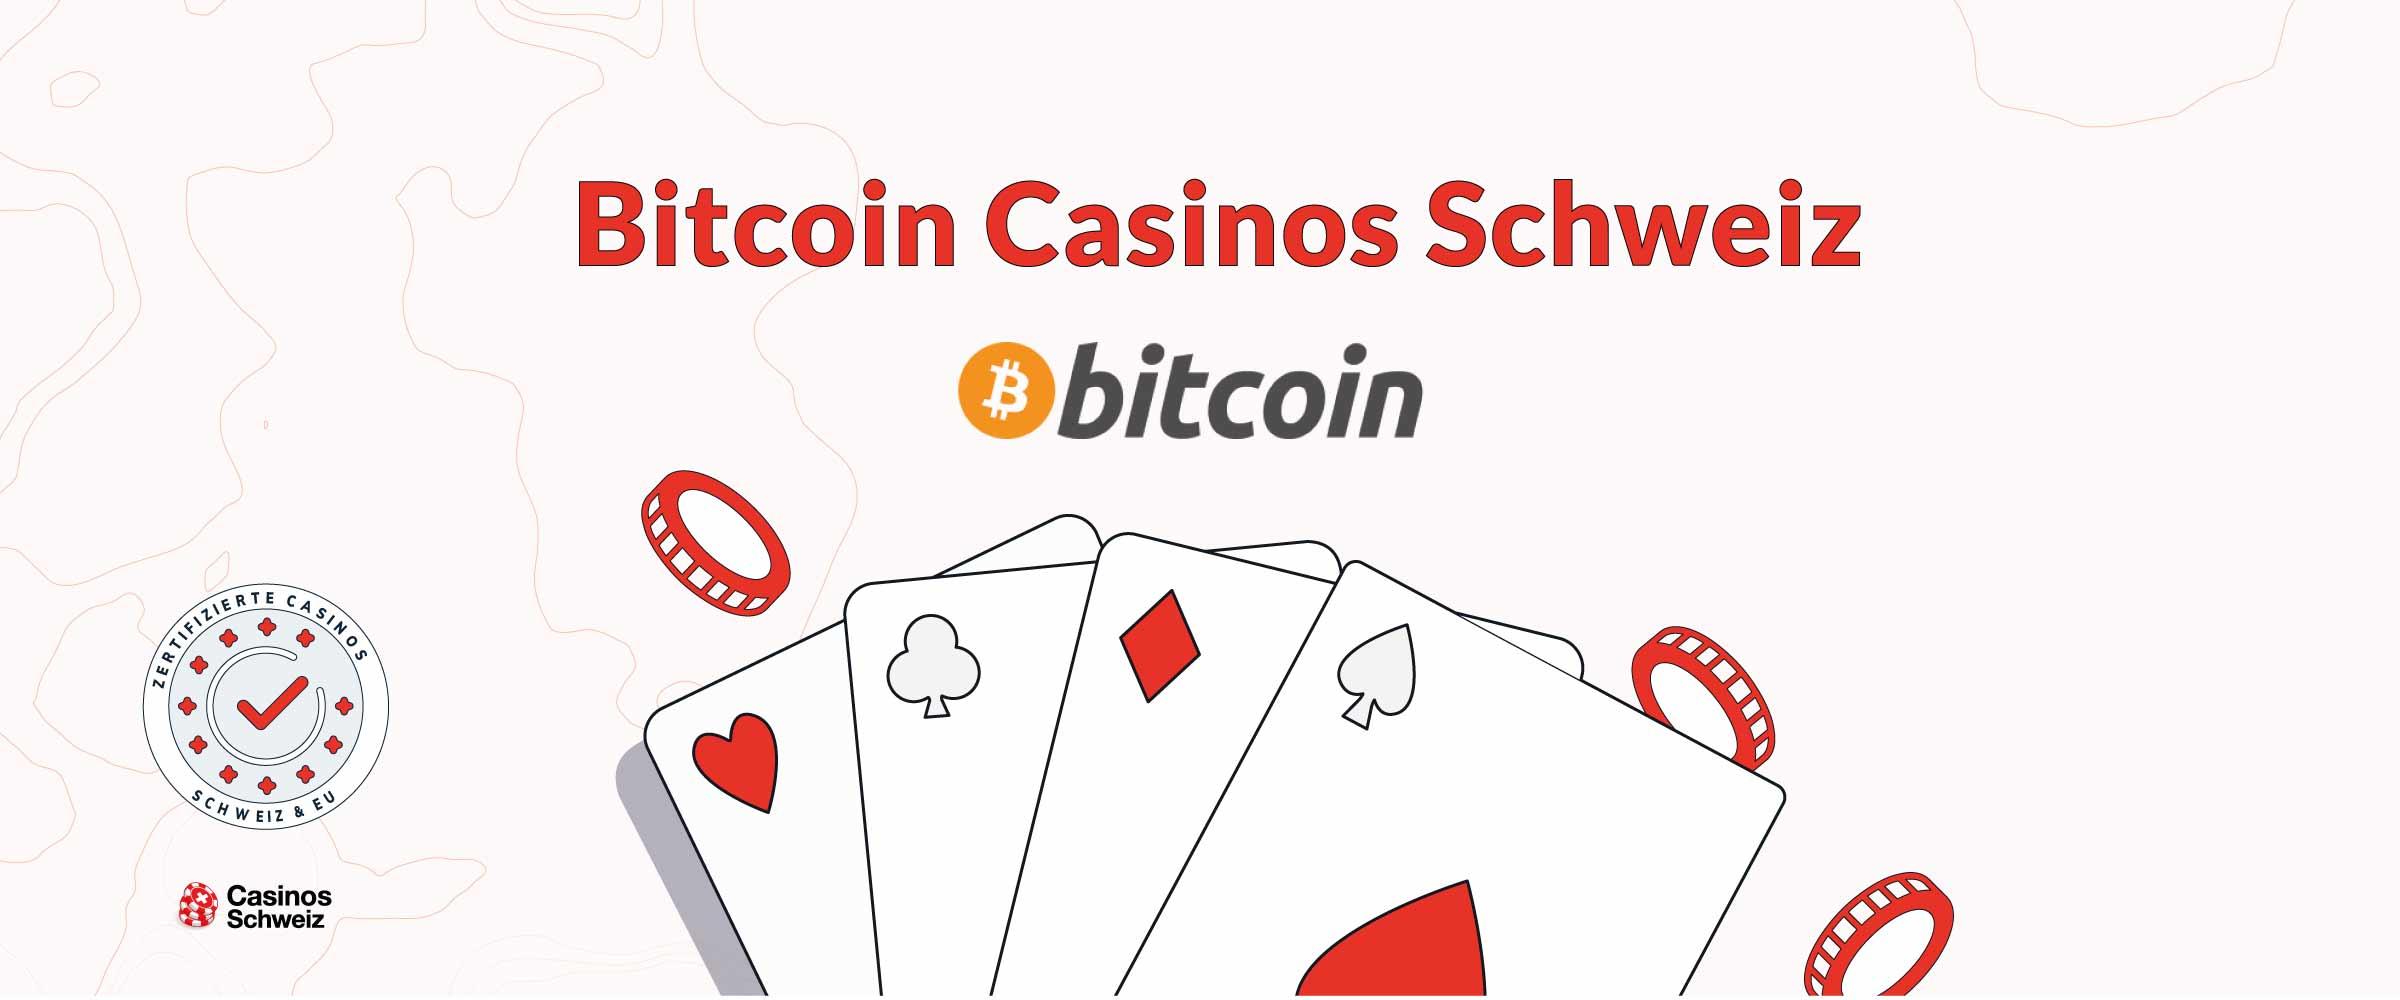 Schweizer Bitcoin Casinos